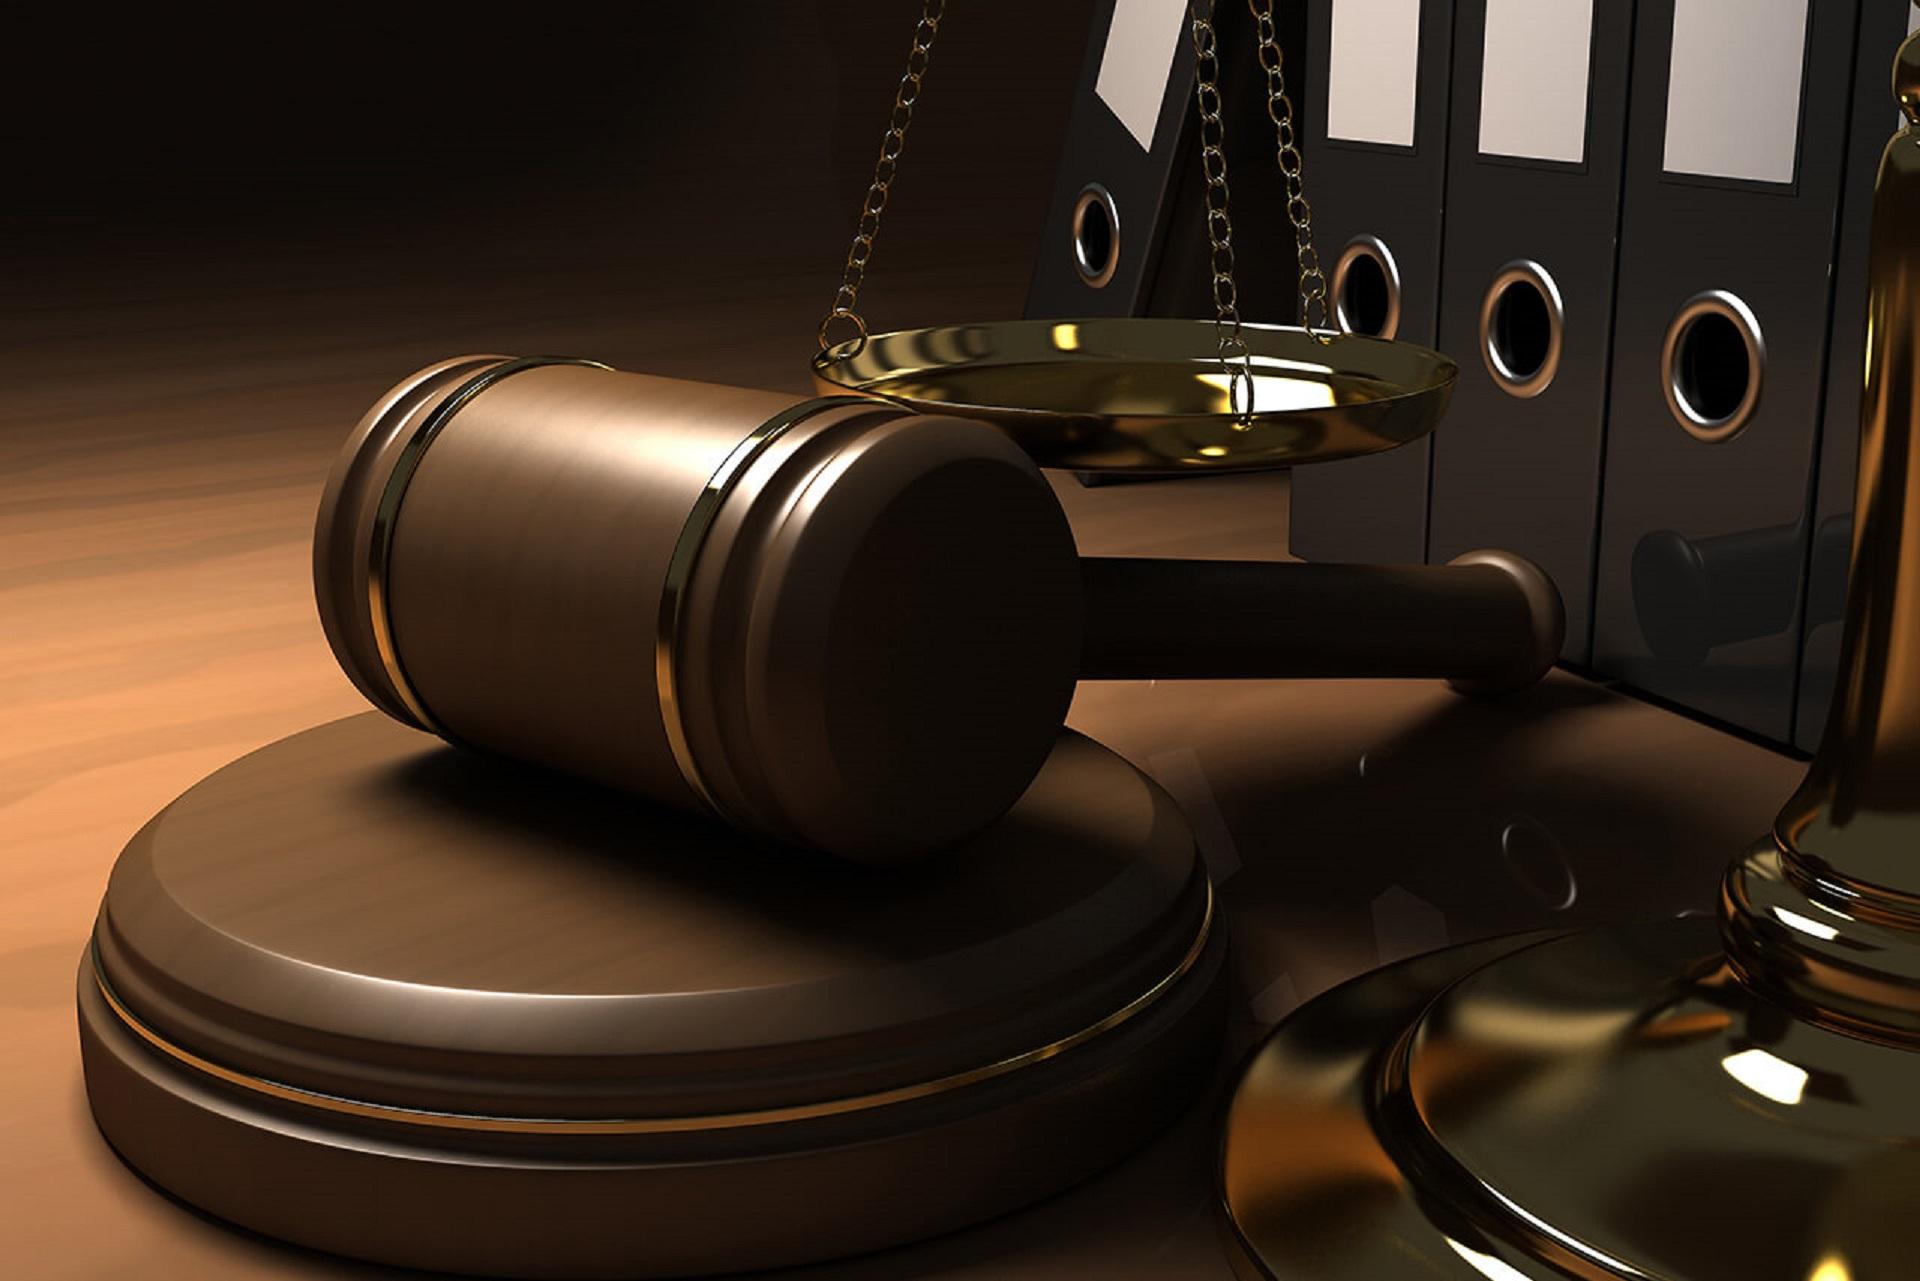 помощь юриста семейные споры юридические в новосибирске